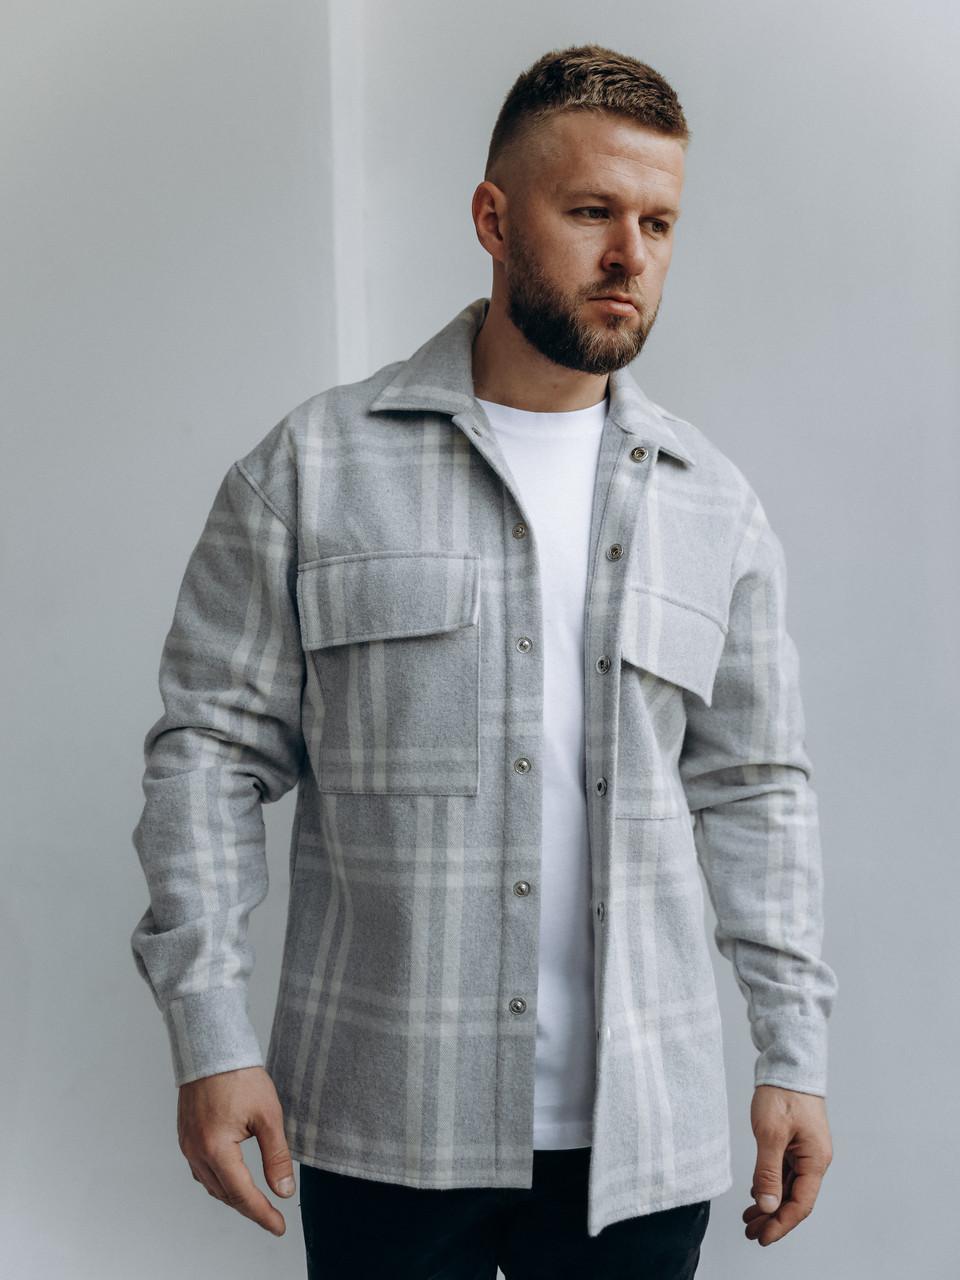 Мужская клетчатая теплая байковая куртка-рубашка на пуговицах с карманами серо-белая